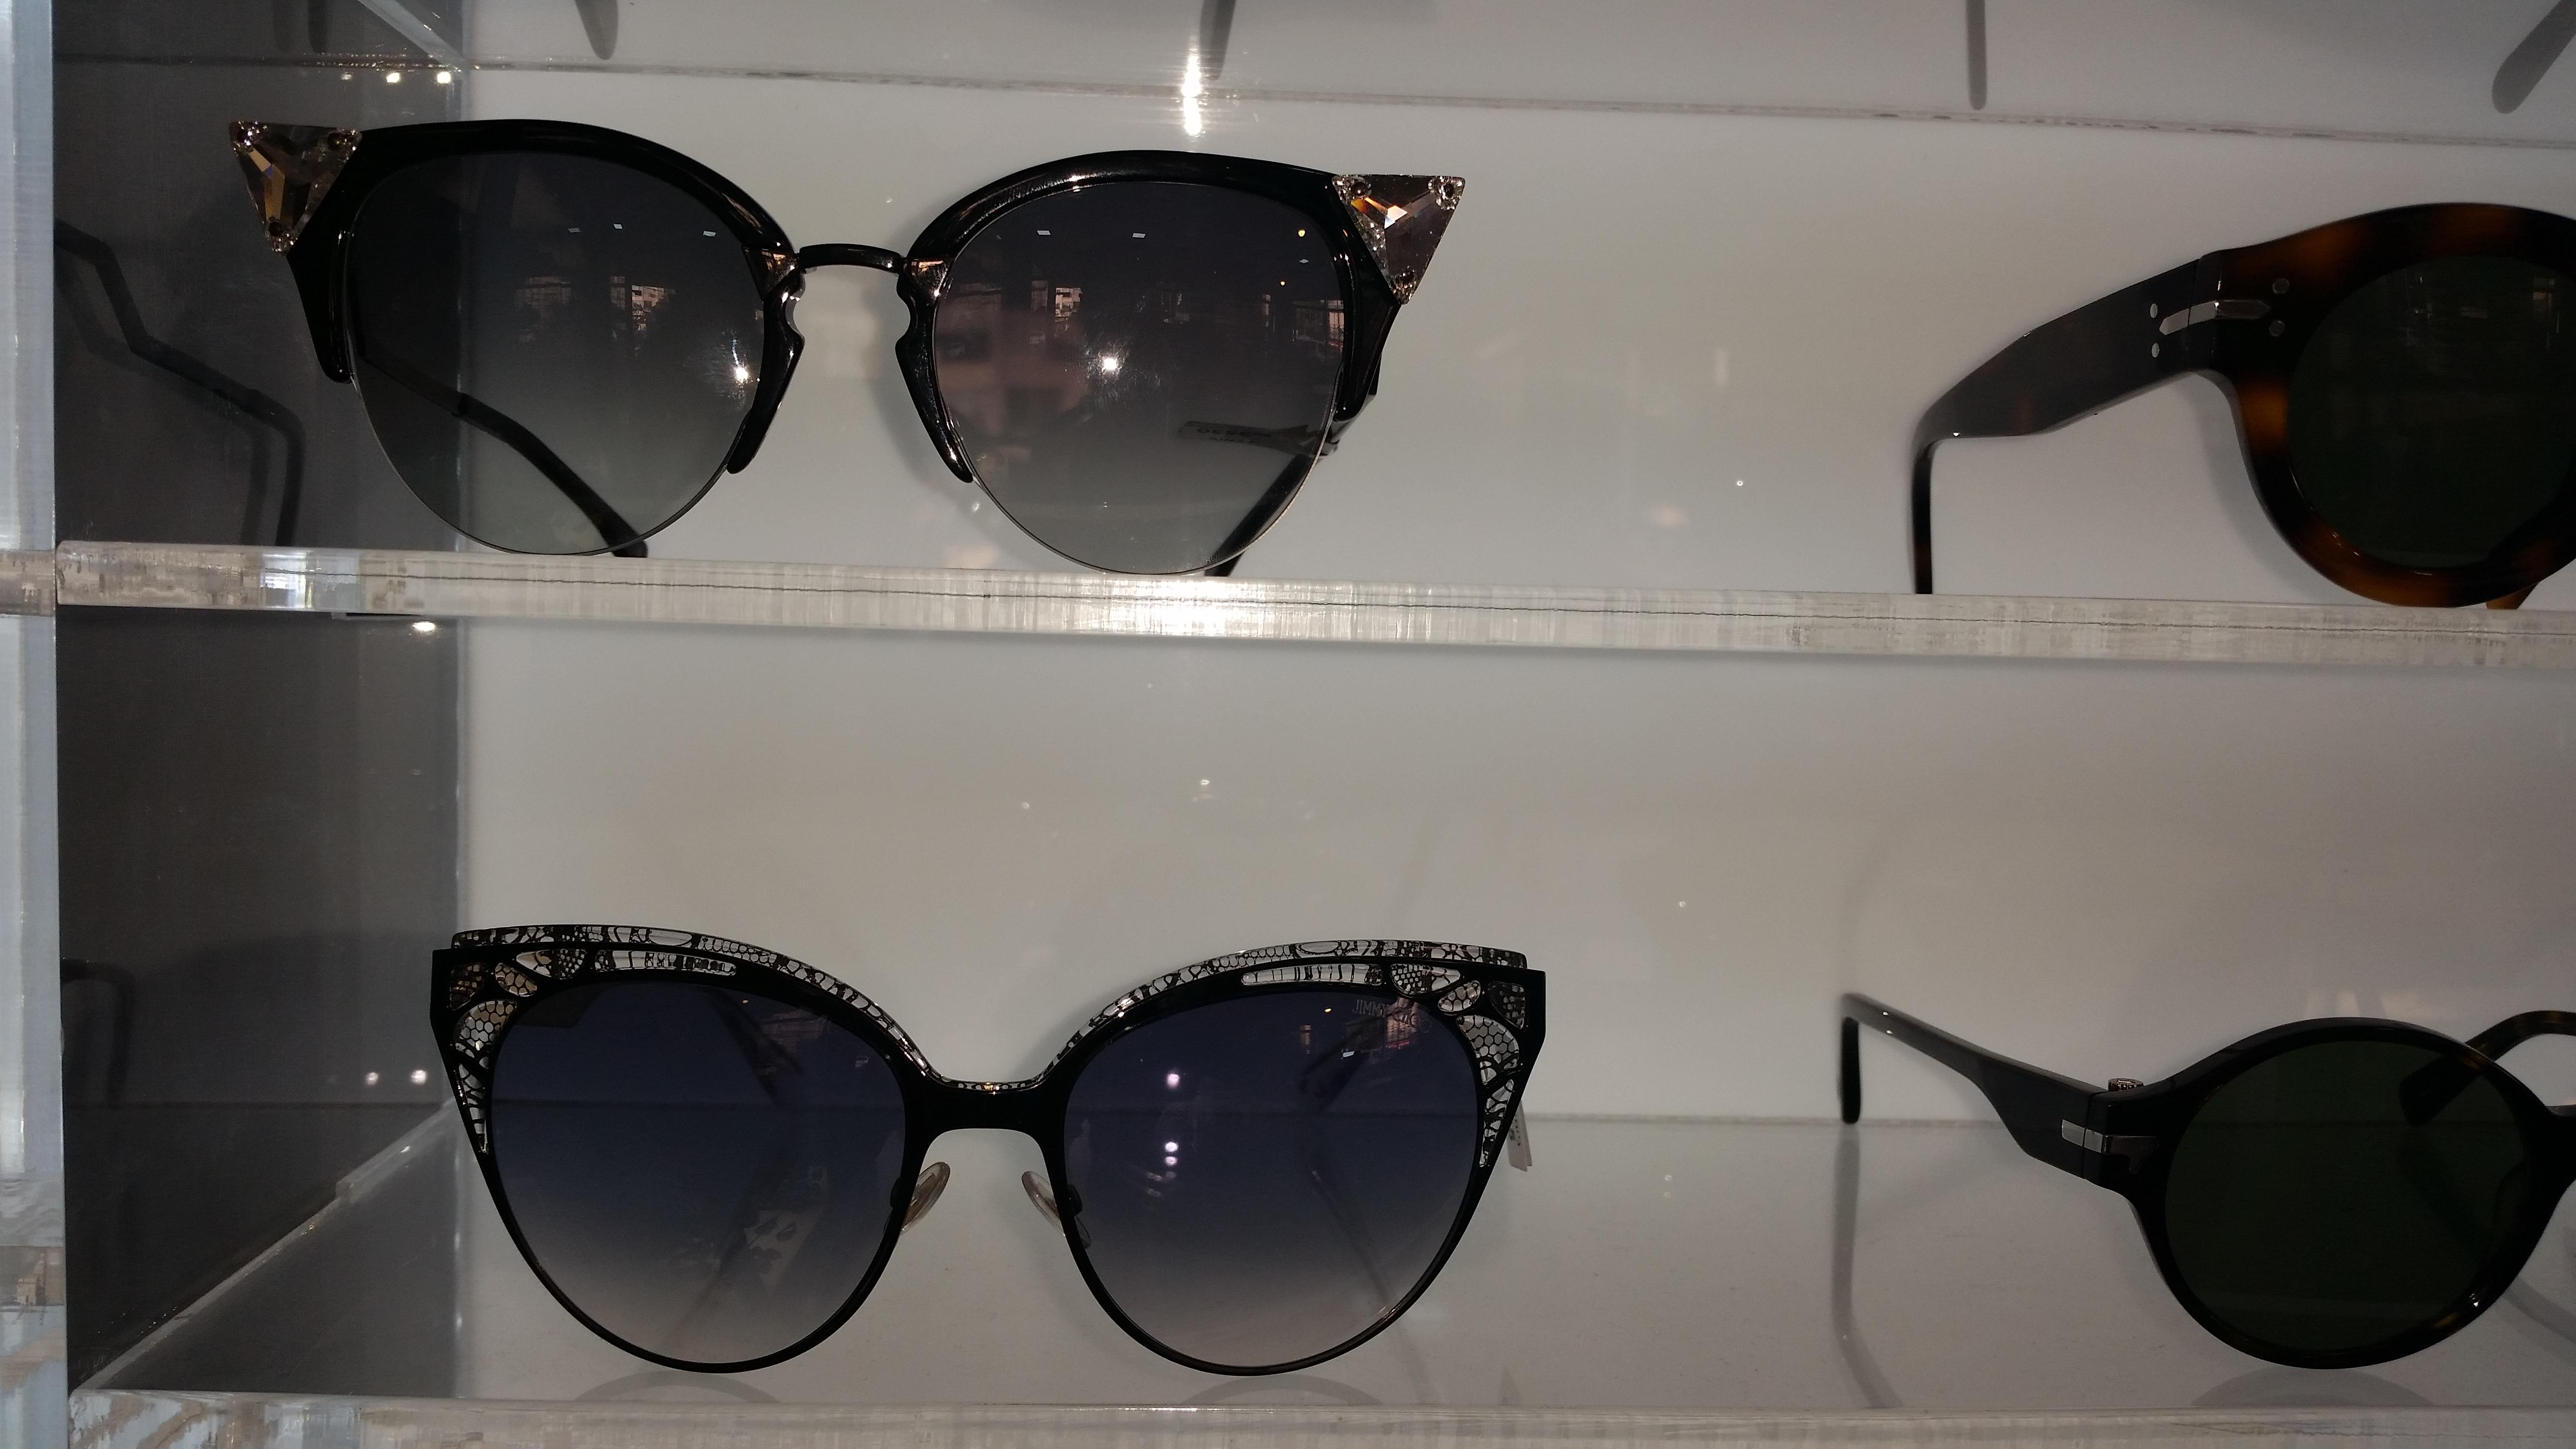 מודיעין איפה למצוא משקפי – שמש ממותגים במחירים שווים – בלוג הפיה השחורה FU-58